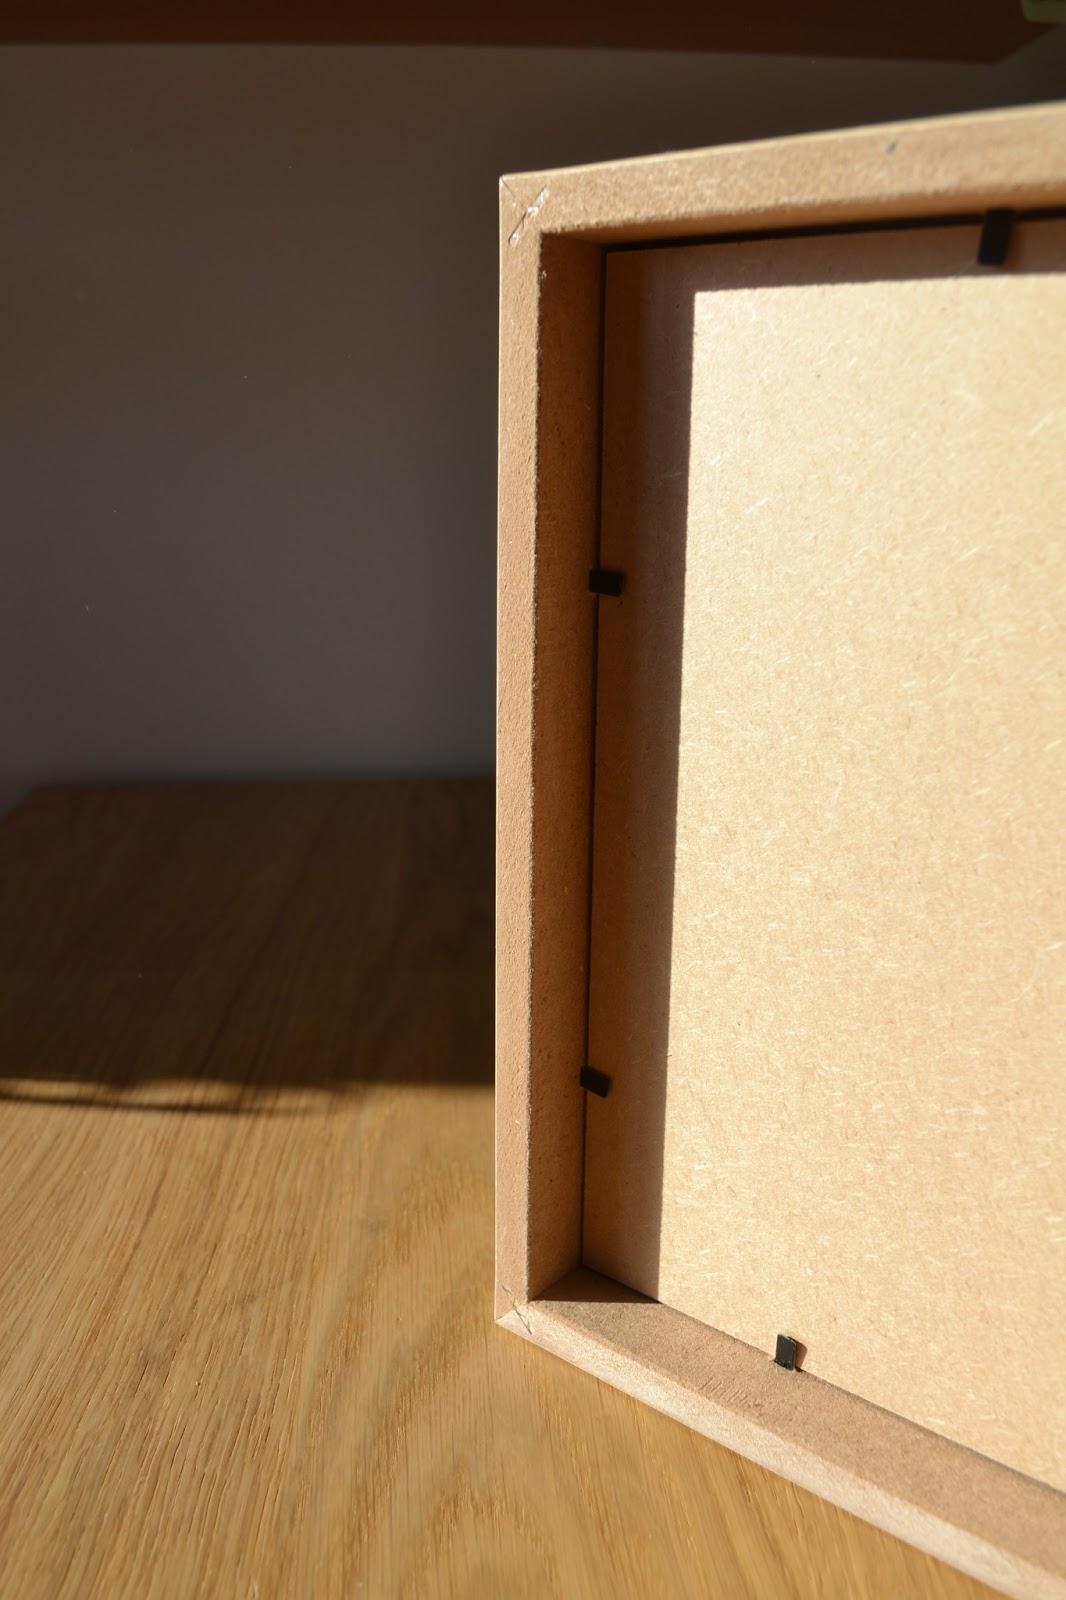 etagere pour cadre photo free juai pas les casiers de la. Black Bedroom Furniture Sets. Home Design Ideas